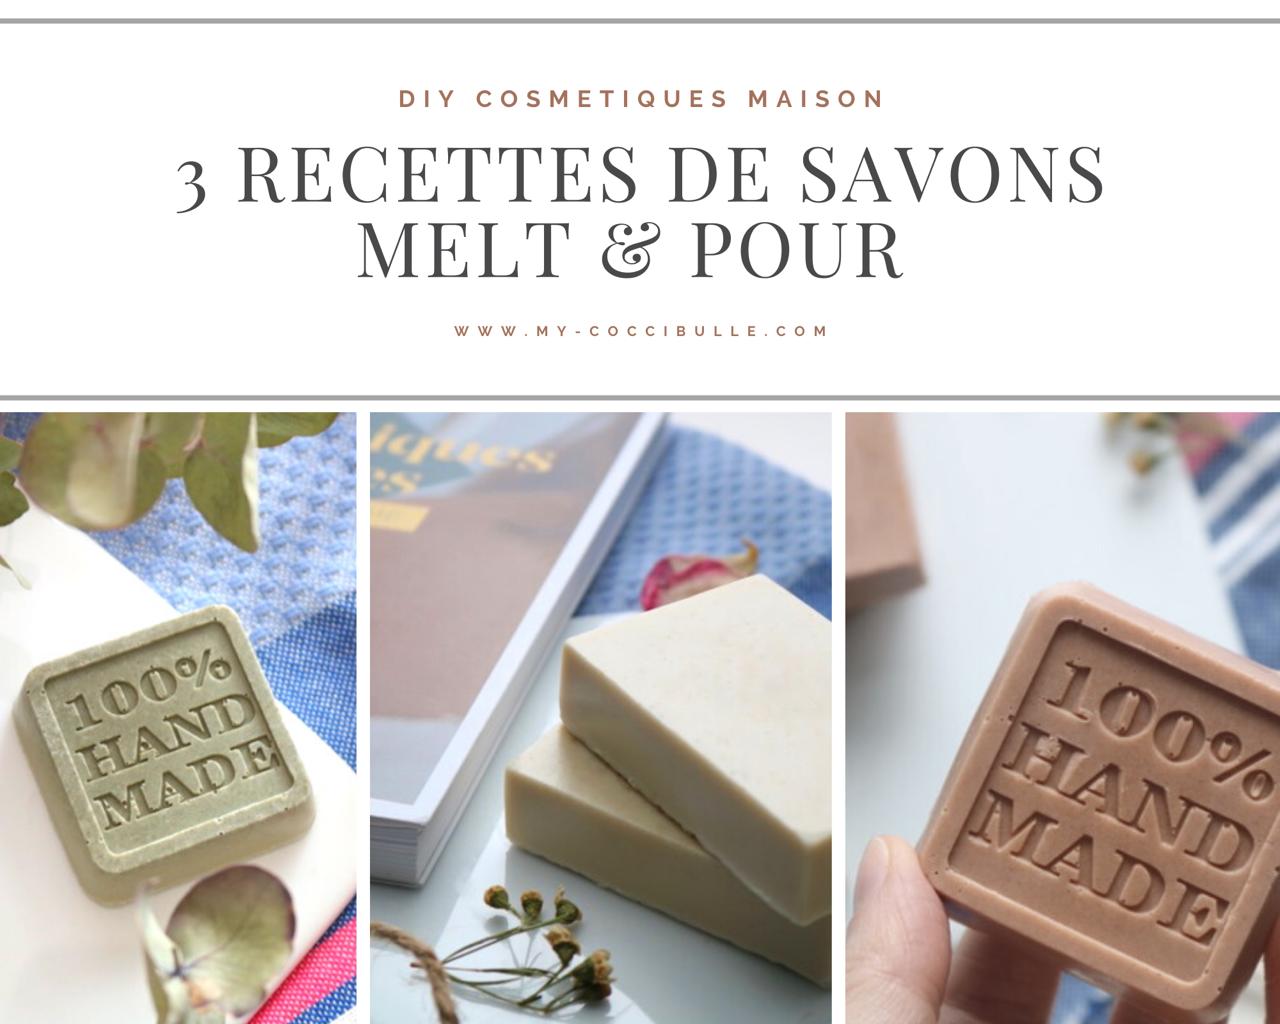 3 Recettes de savons à faire soi-même sans soude caustique (Melt and Pour)